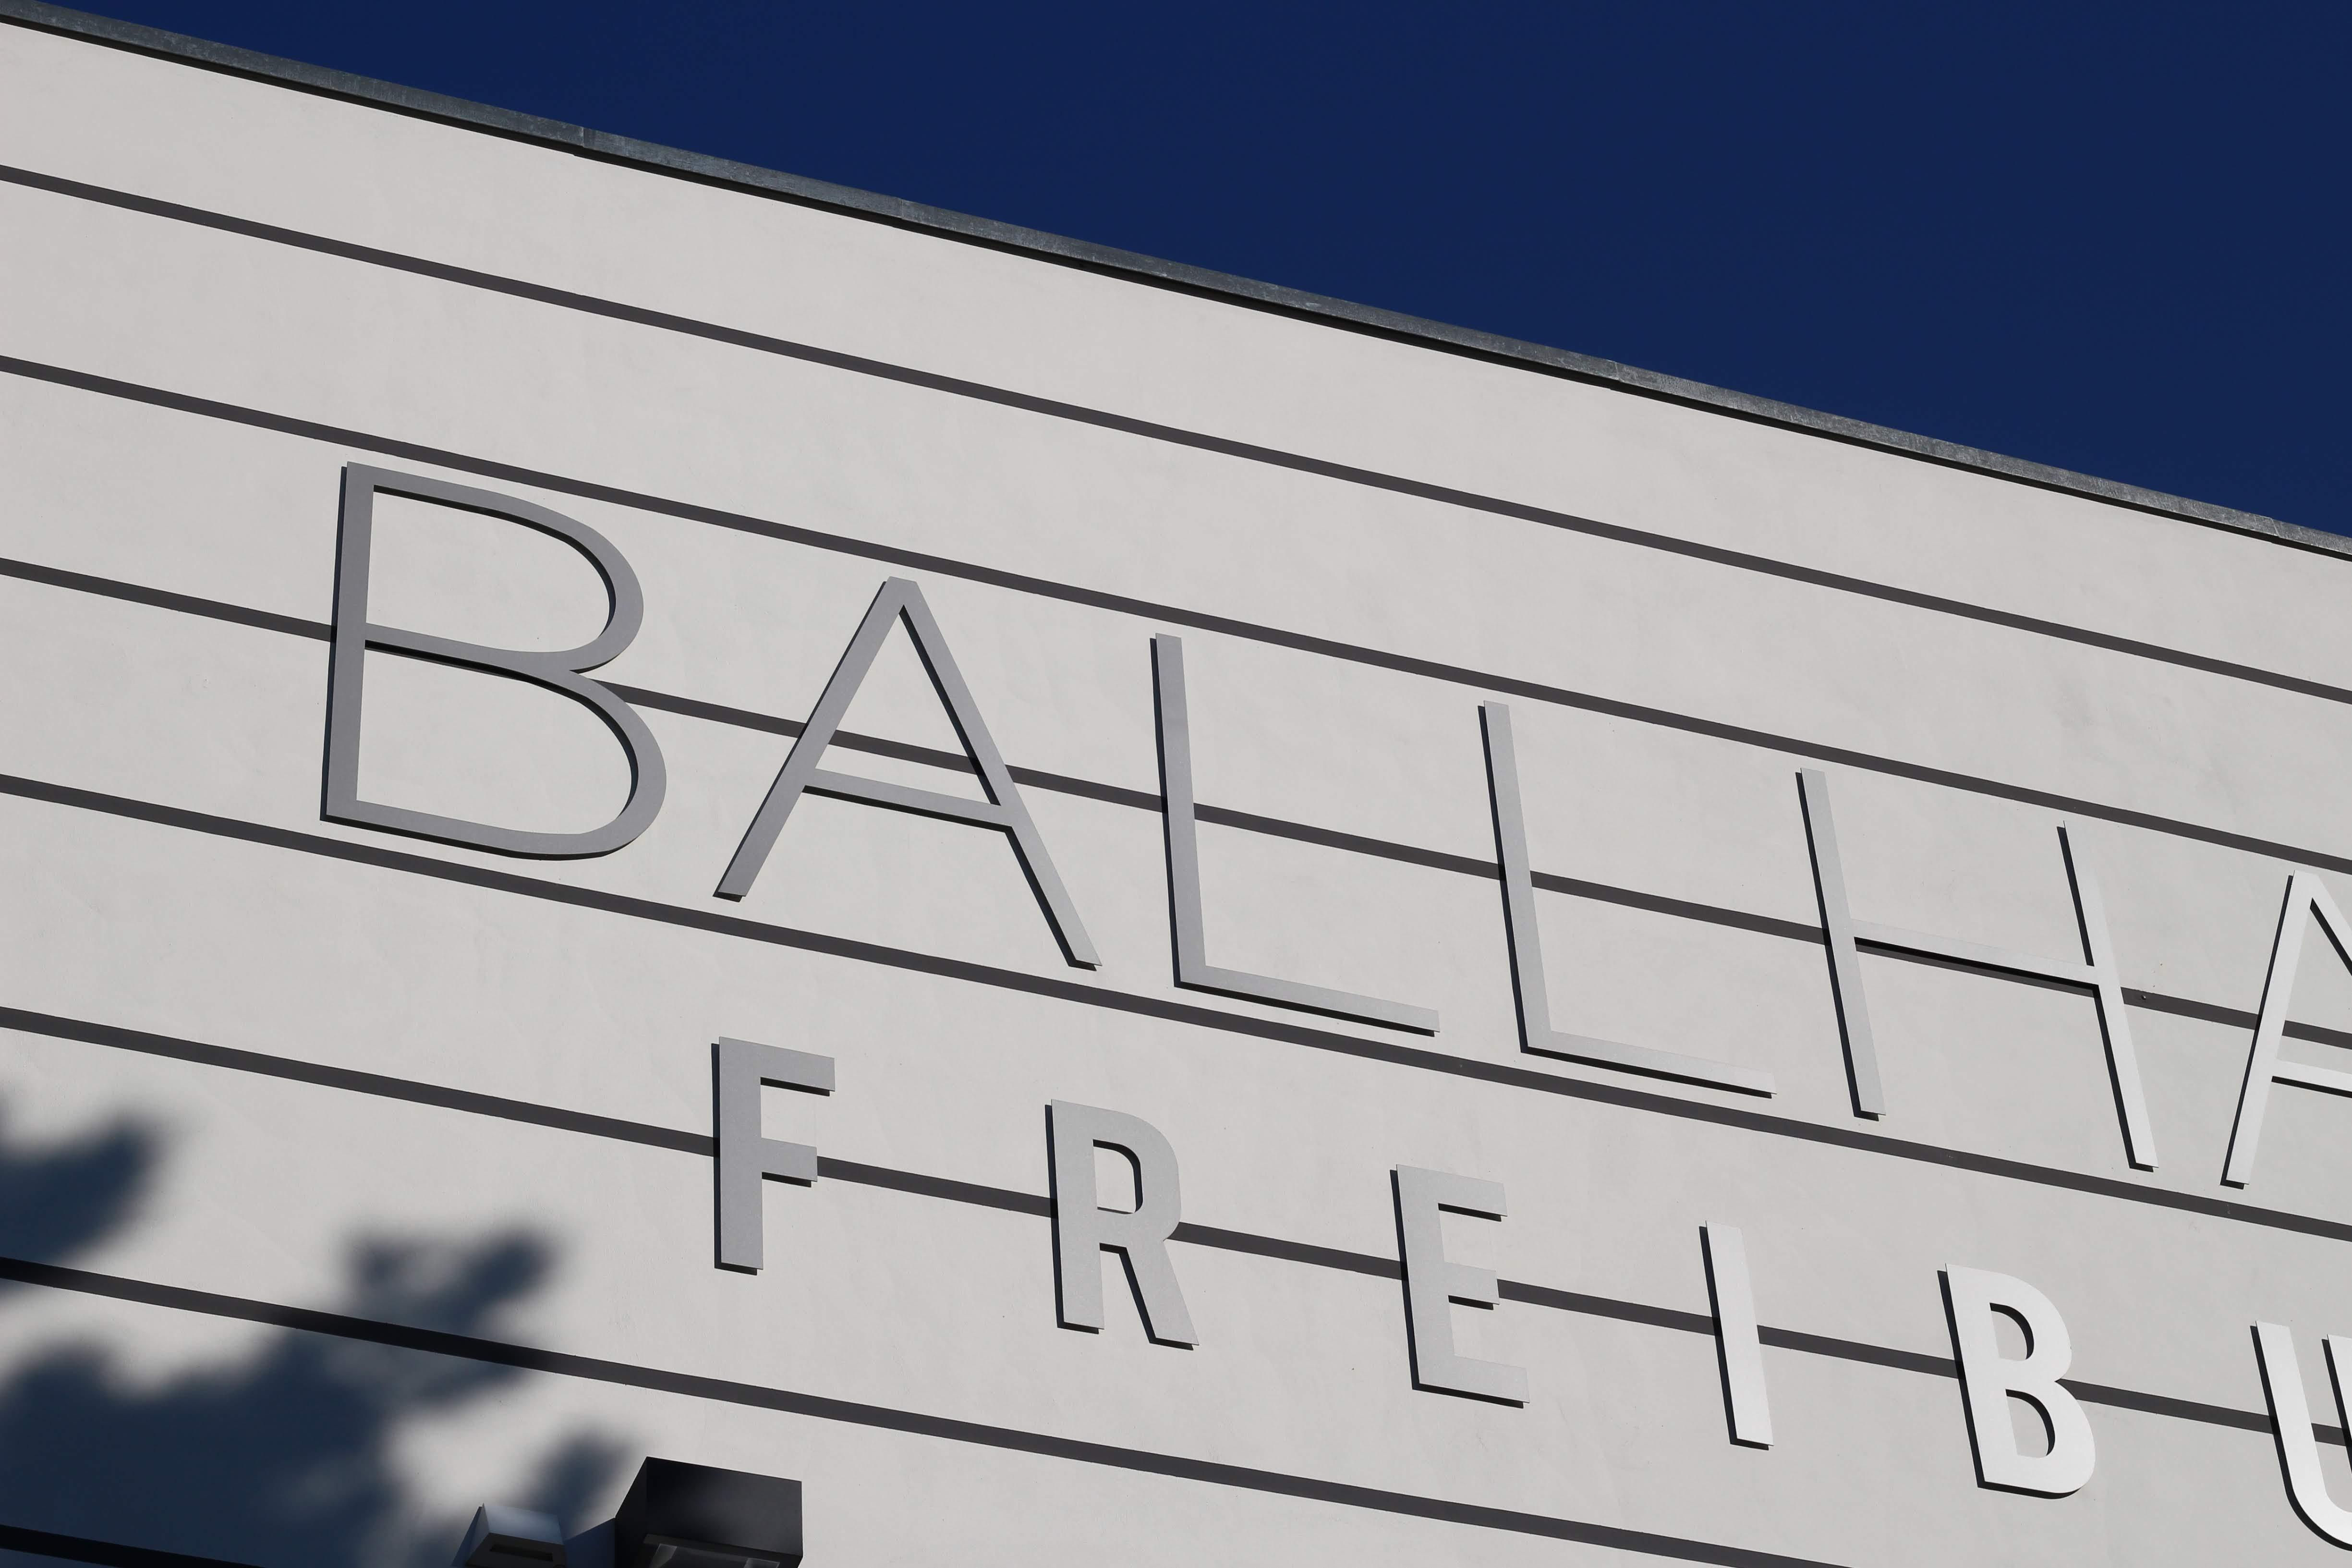 Die Fassade des Ballhaus in Freiburg.